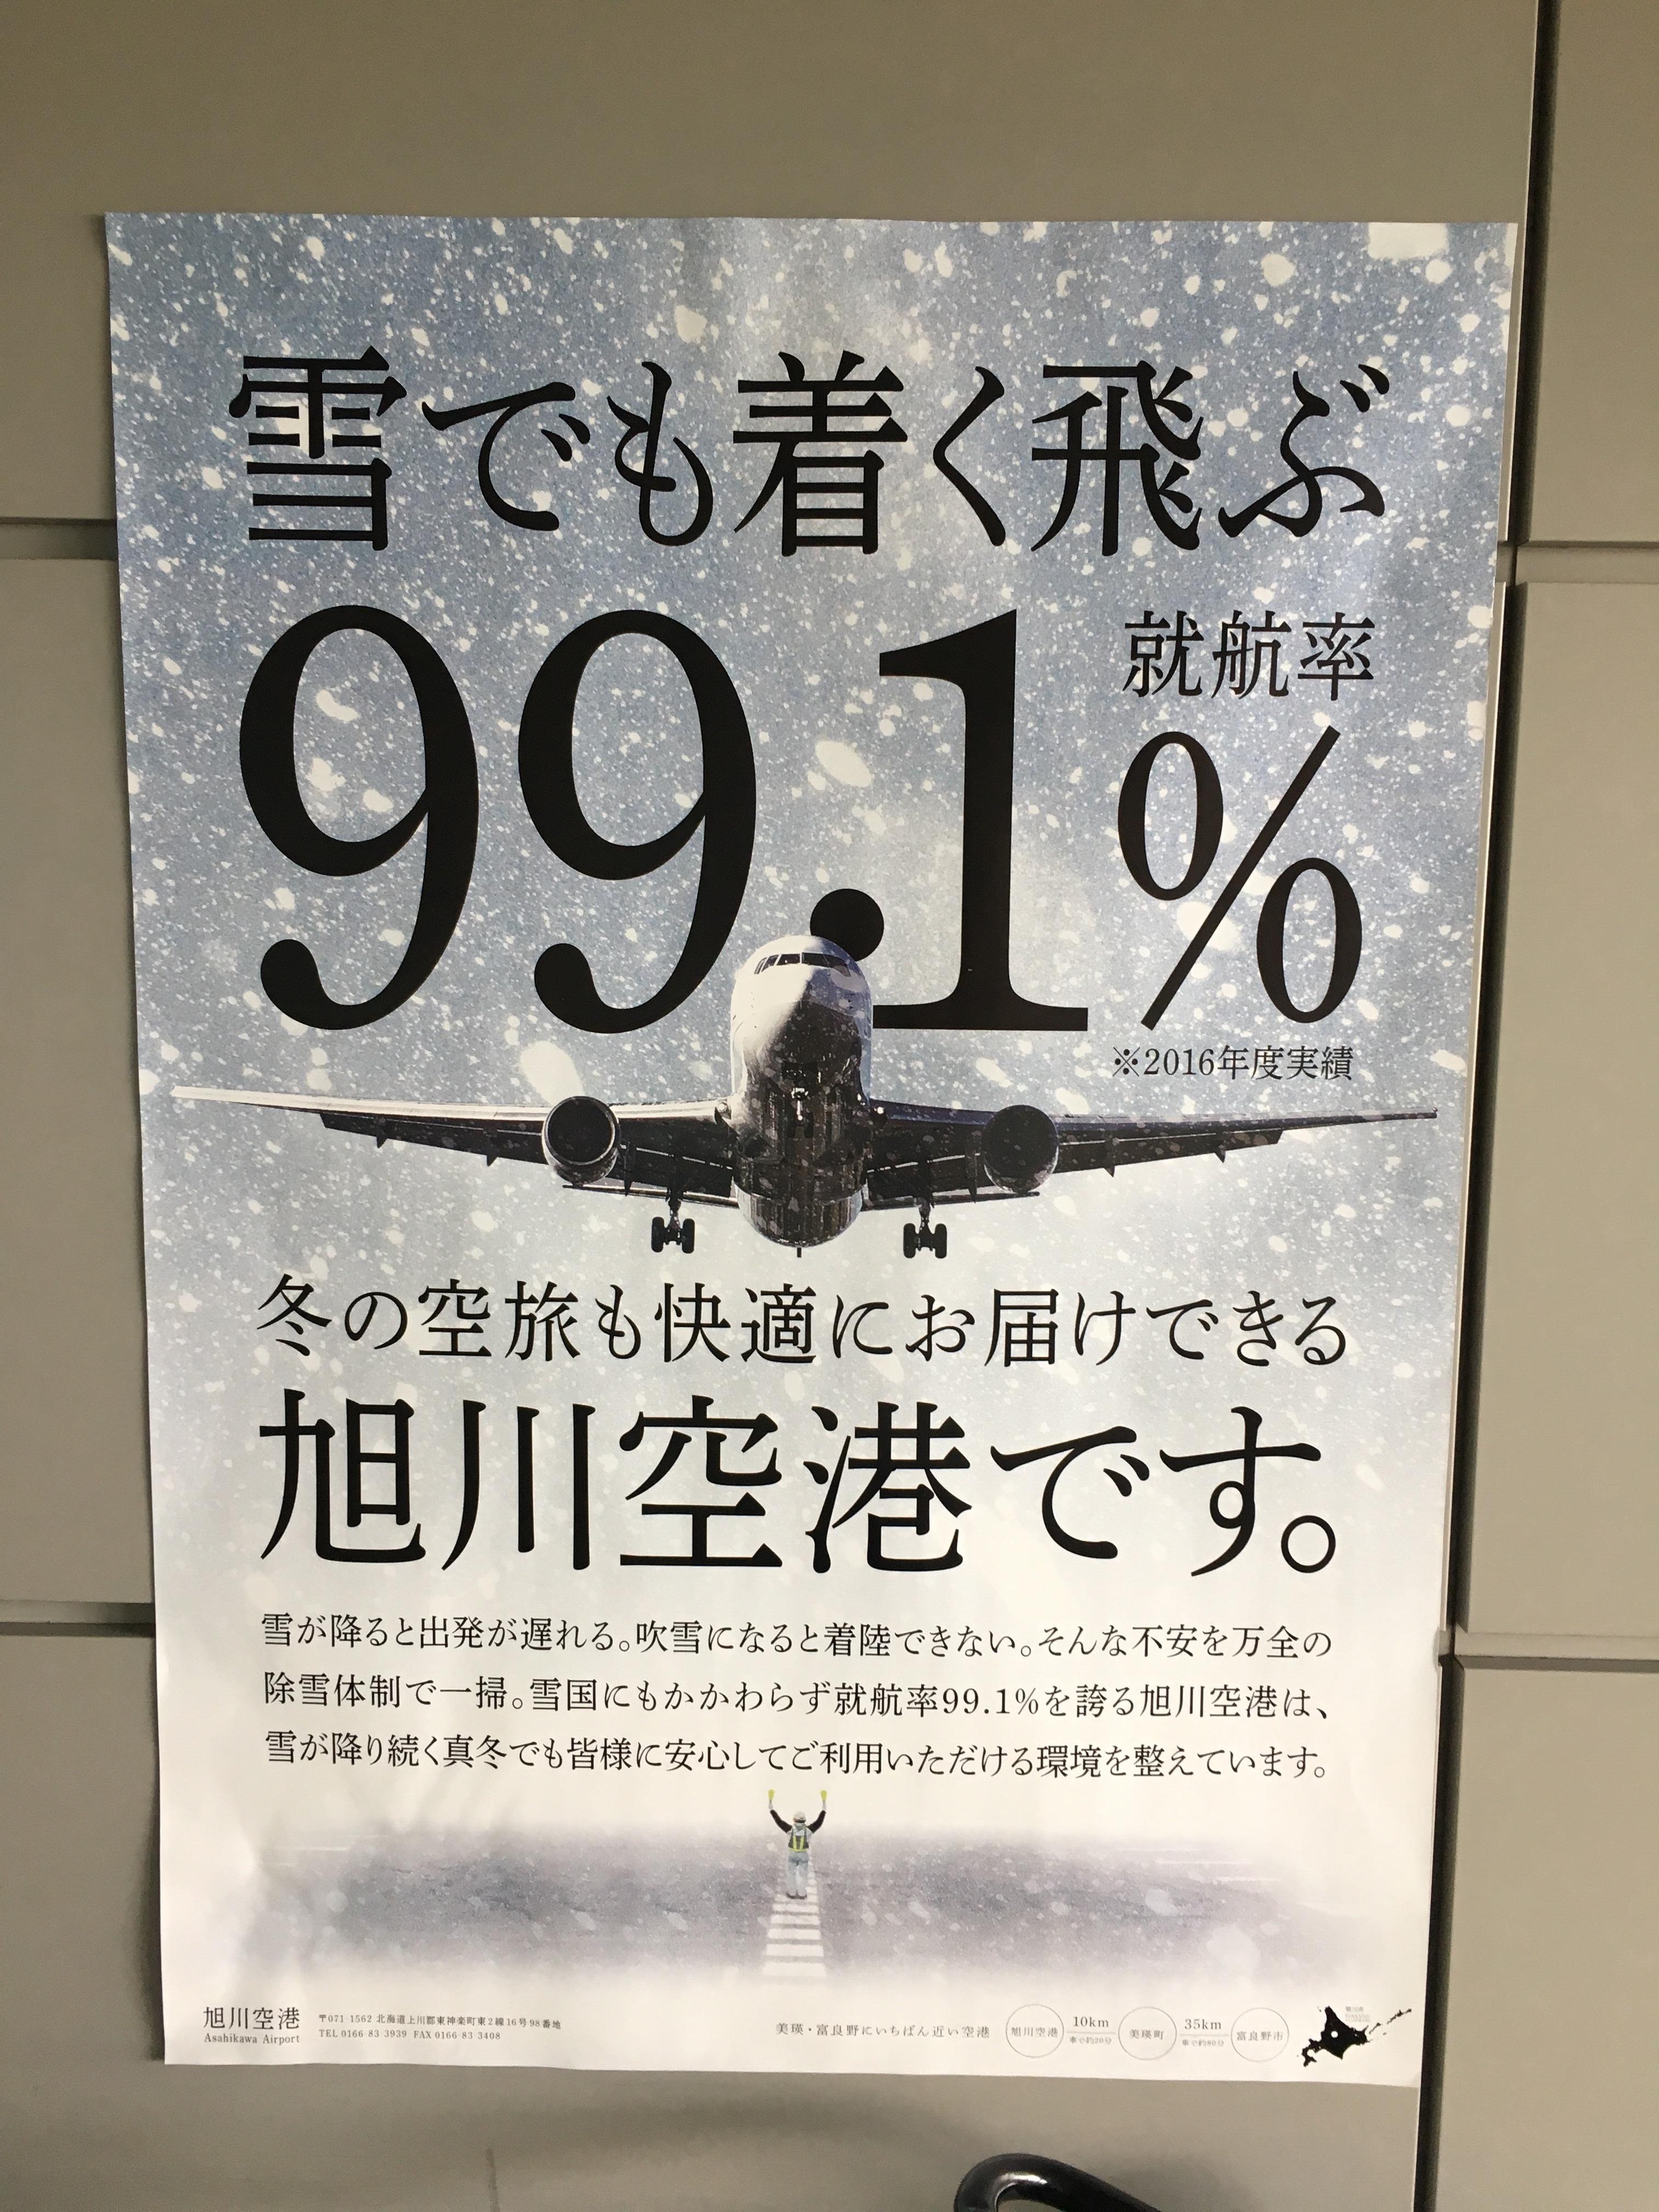 旭川 空港 発着 便